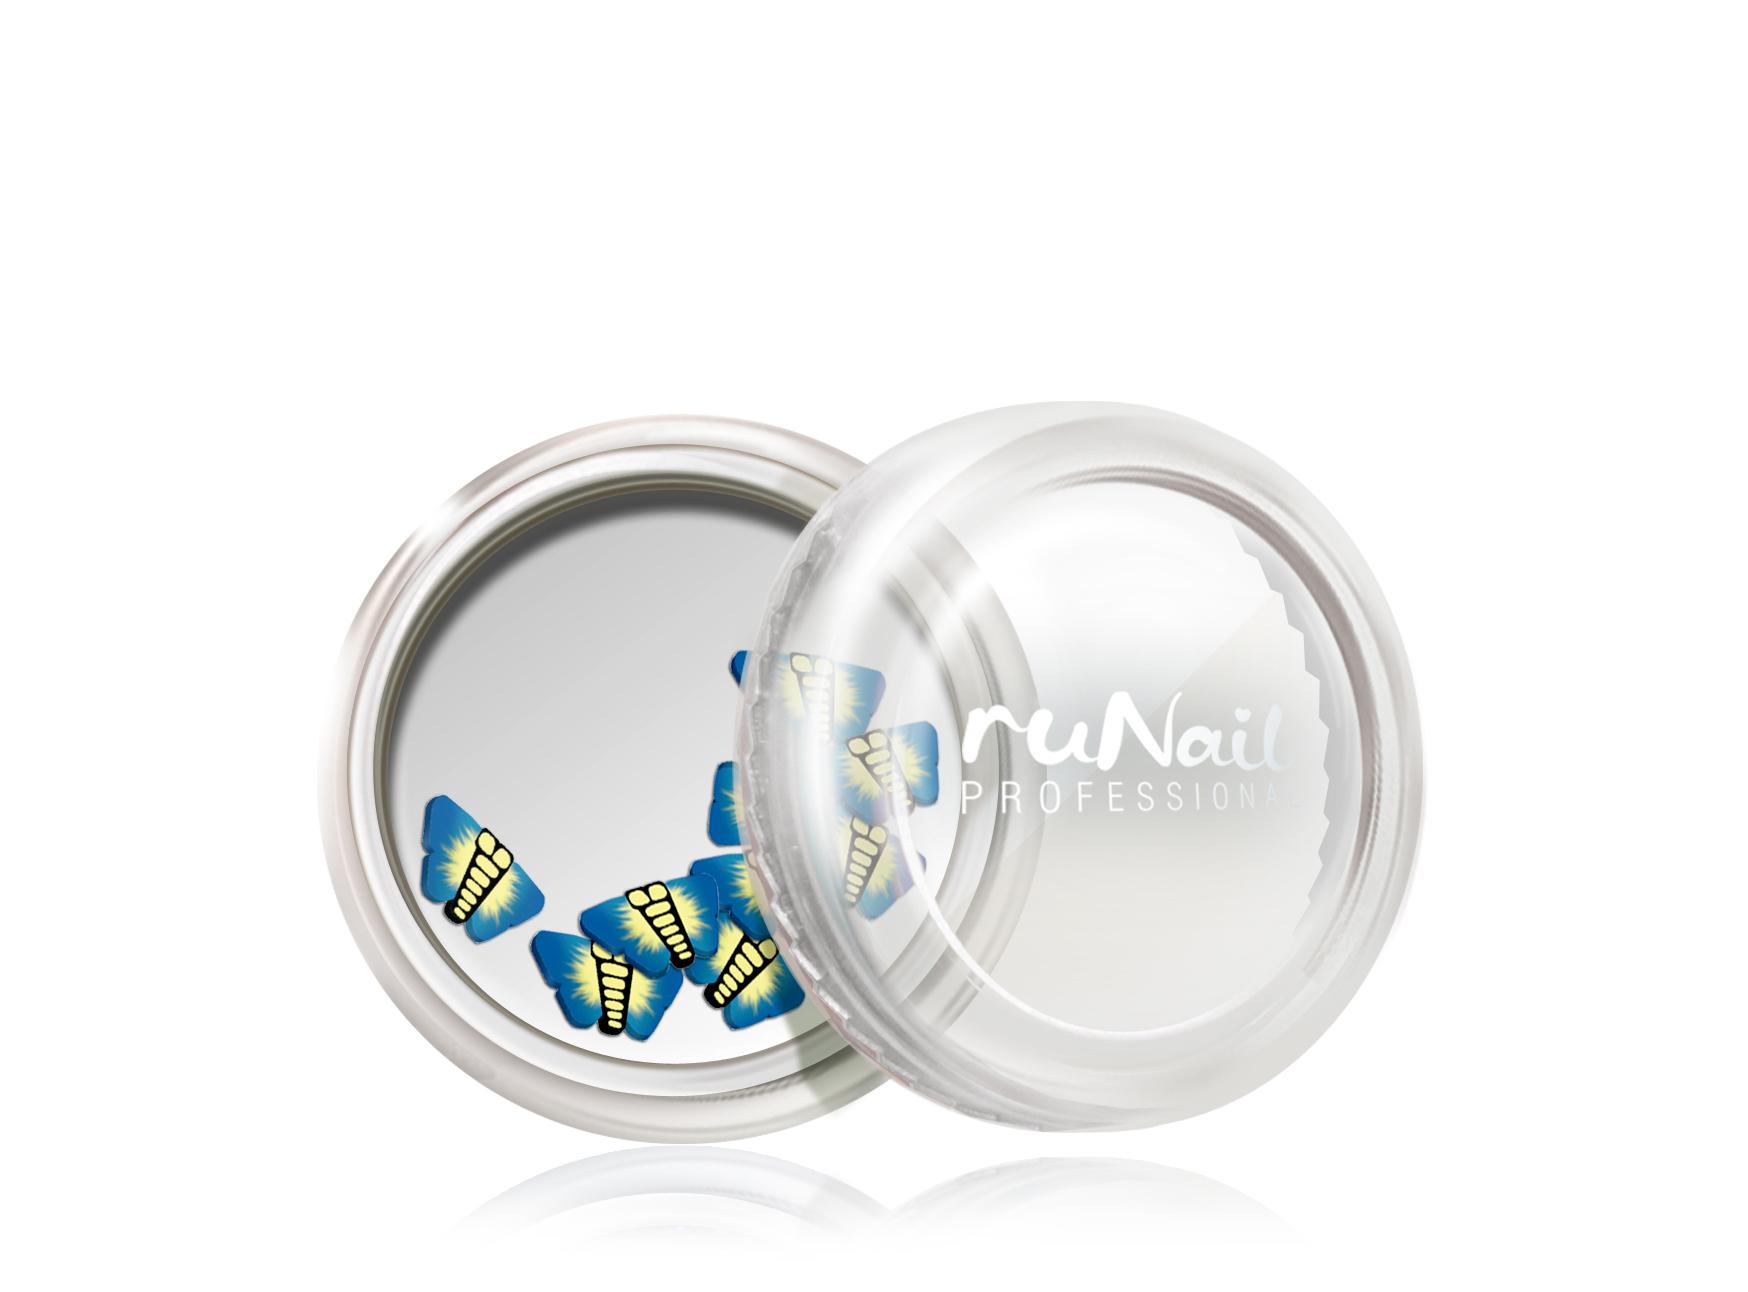 Дизайн для ногтей: резиновые аппликации (бабочки, цвет: синий) №0415